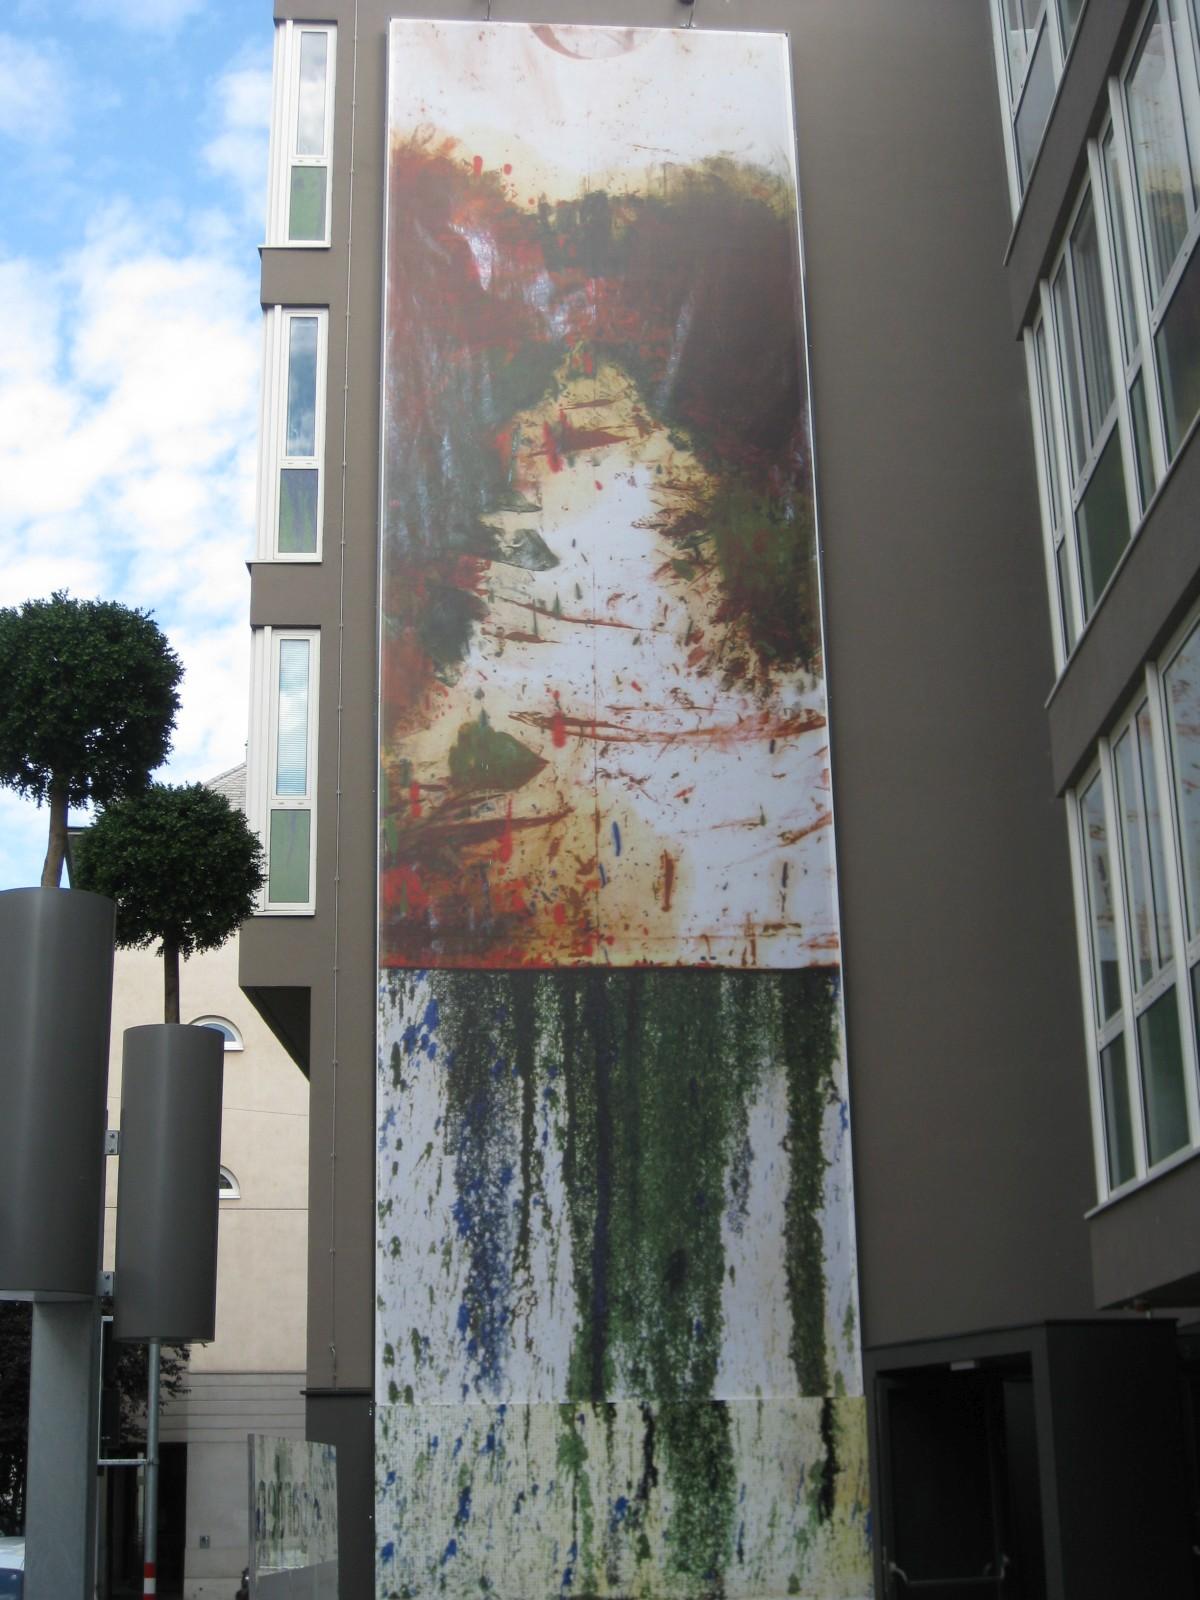 1020 Raimundgasse 3 art & garden Schüttbild von Hermann Nitsch in digitaler Form 2013 IMG 4422